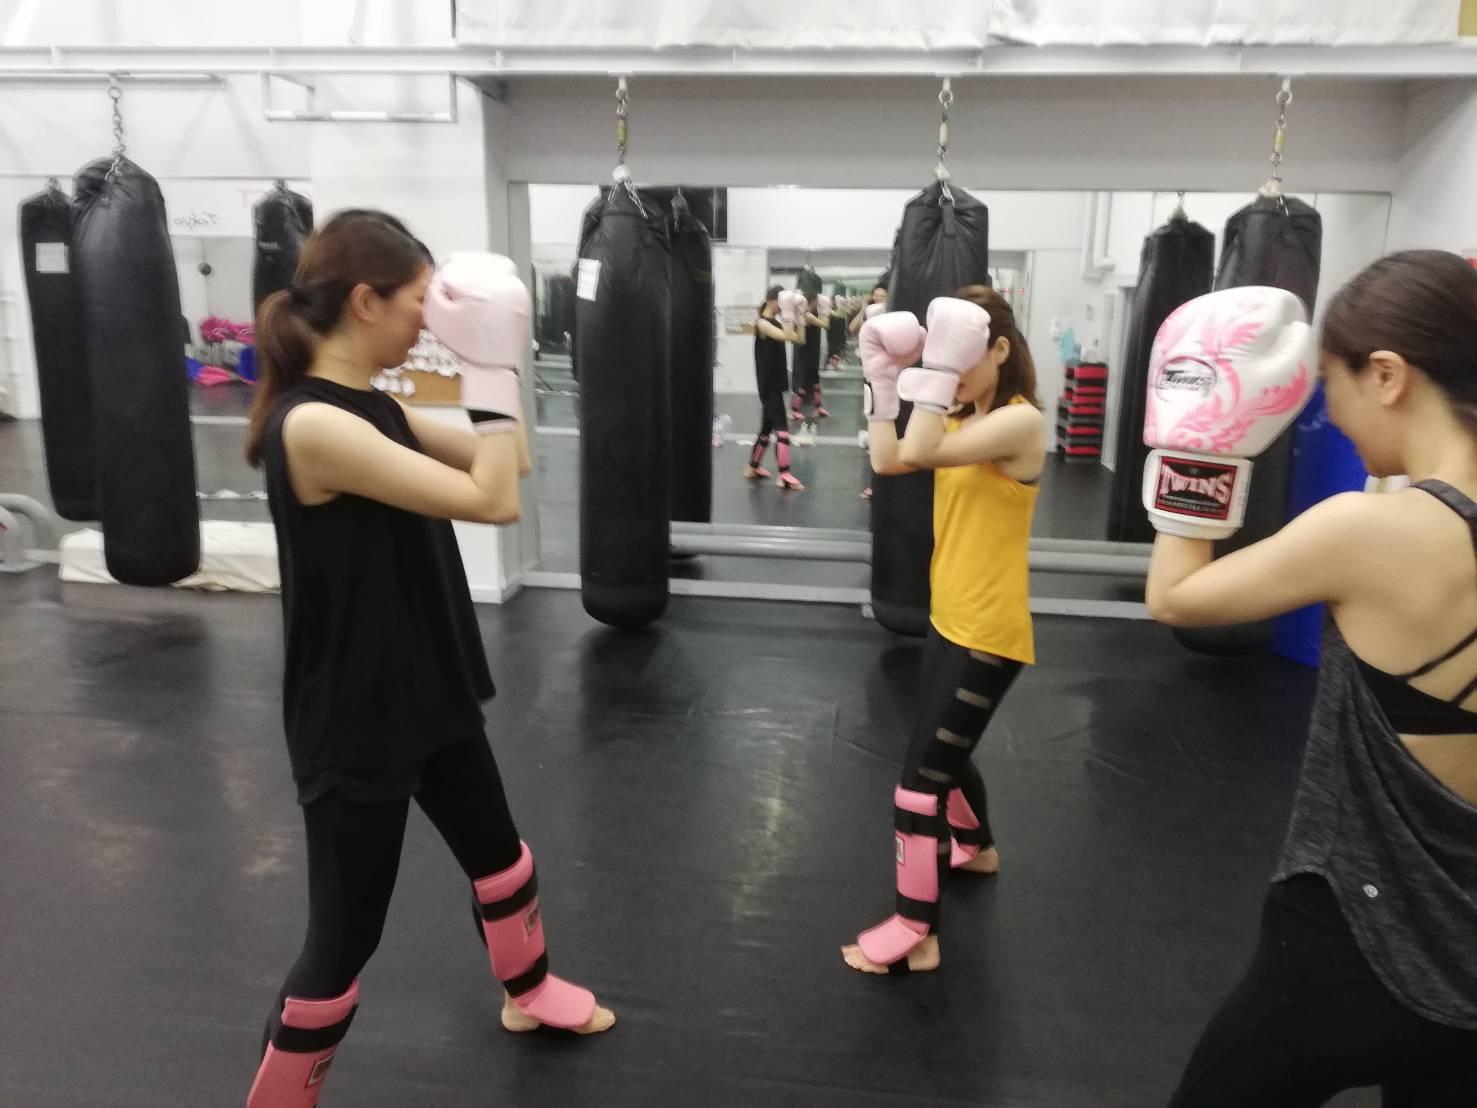 アップロード先:Q&A・キックボクシングを始めたい人が不安な時に読んで欲しい記事!